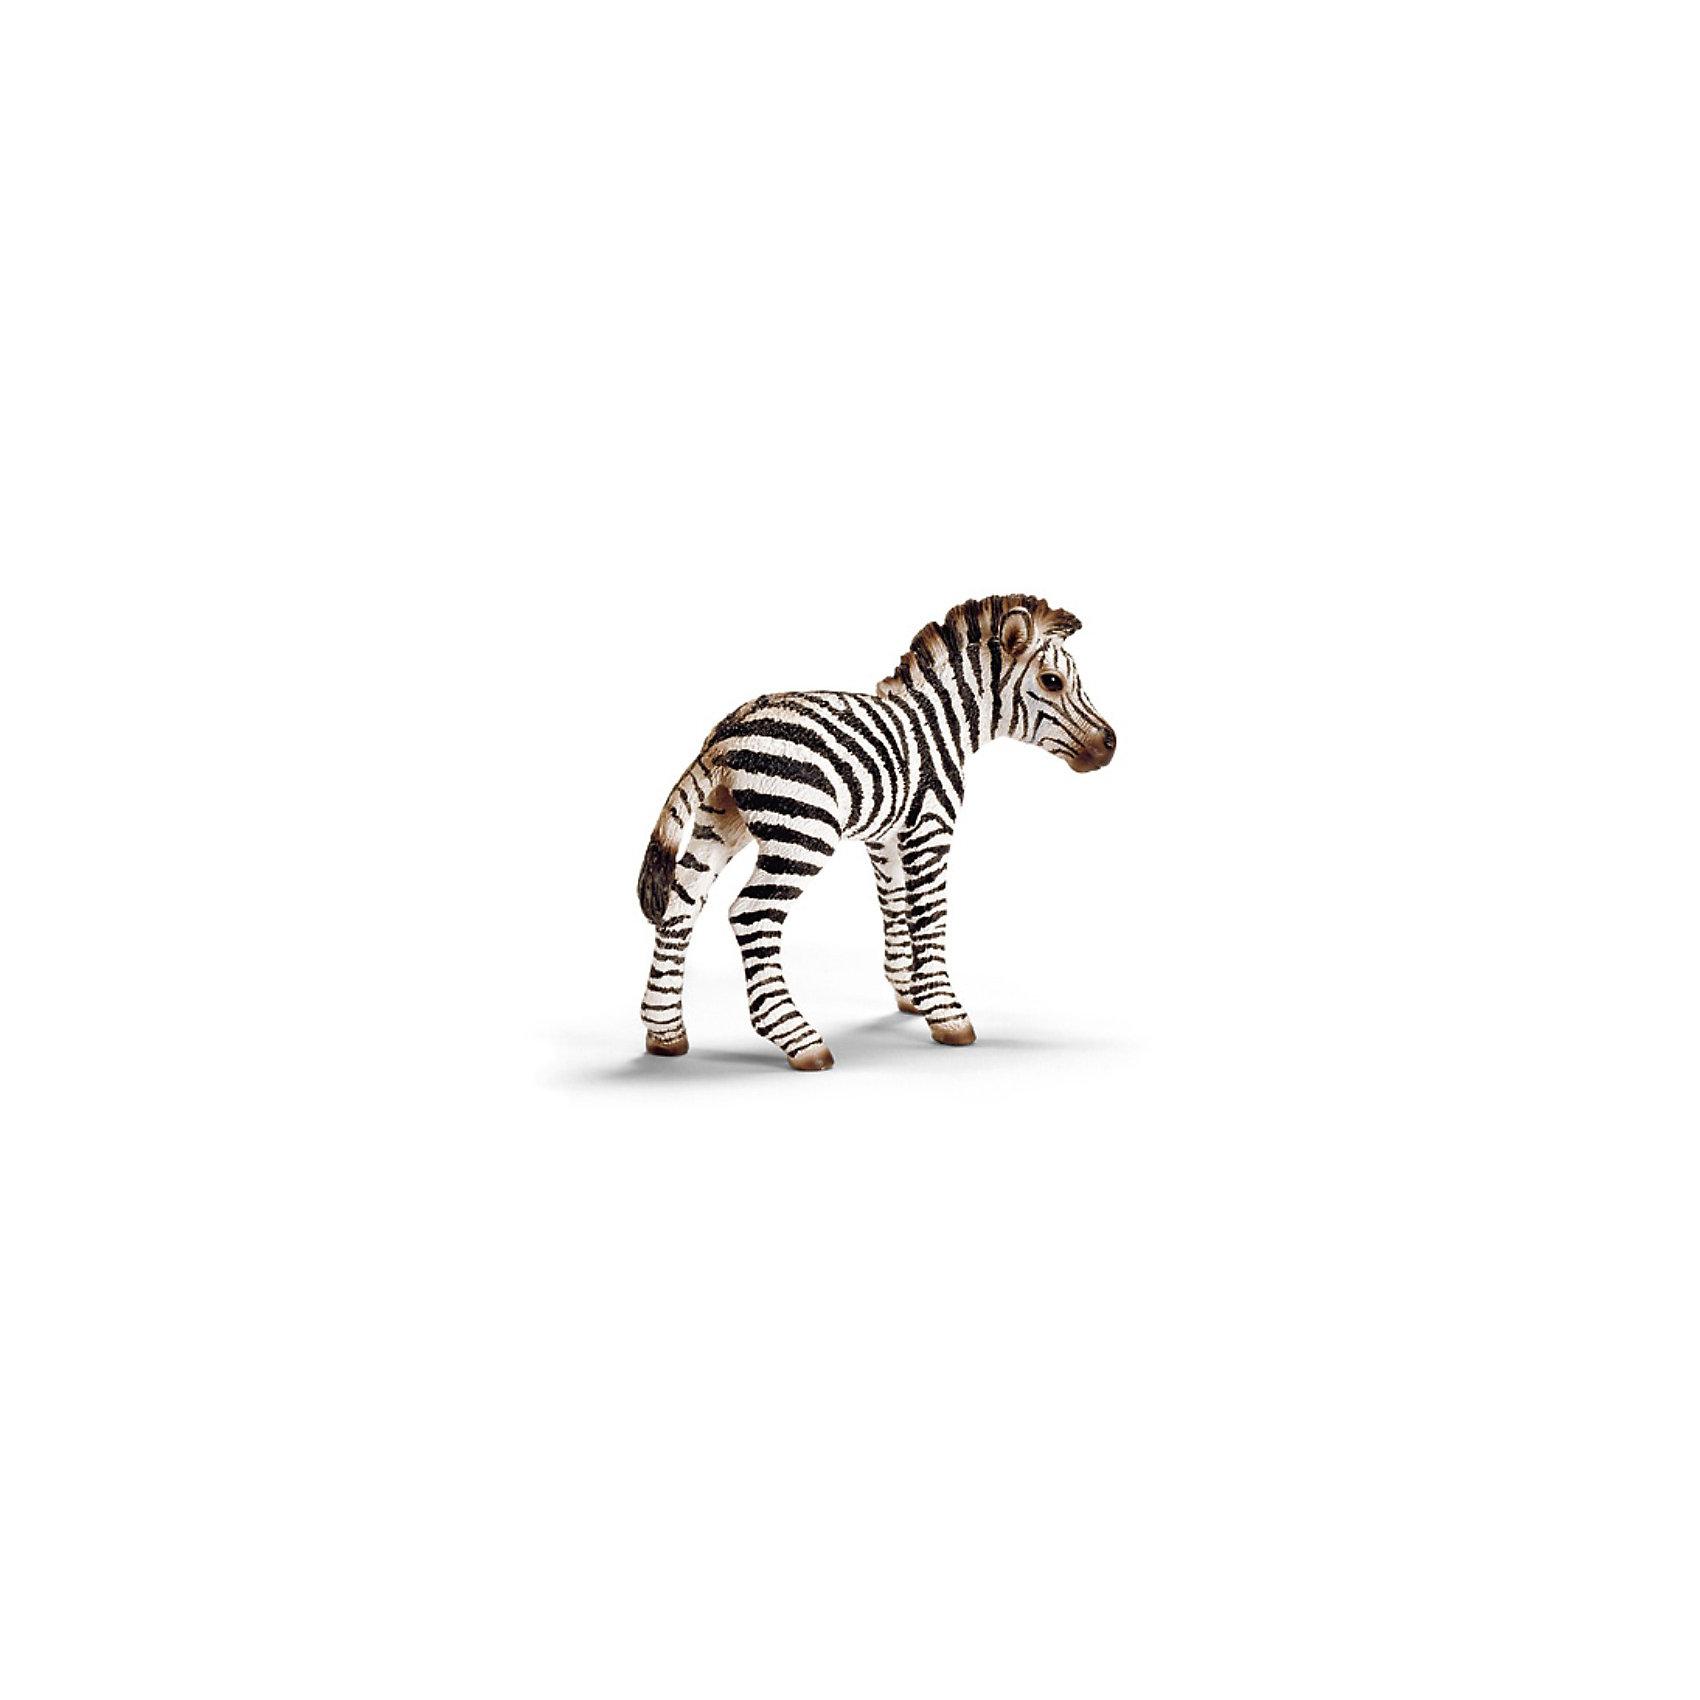 Schleich Schleich Детеныш зебры. Серия Дикие животные schleich schleich кенгуру серия дикие животные